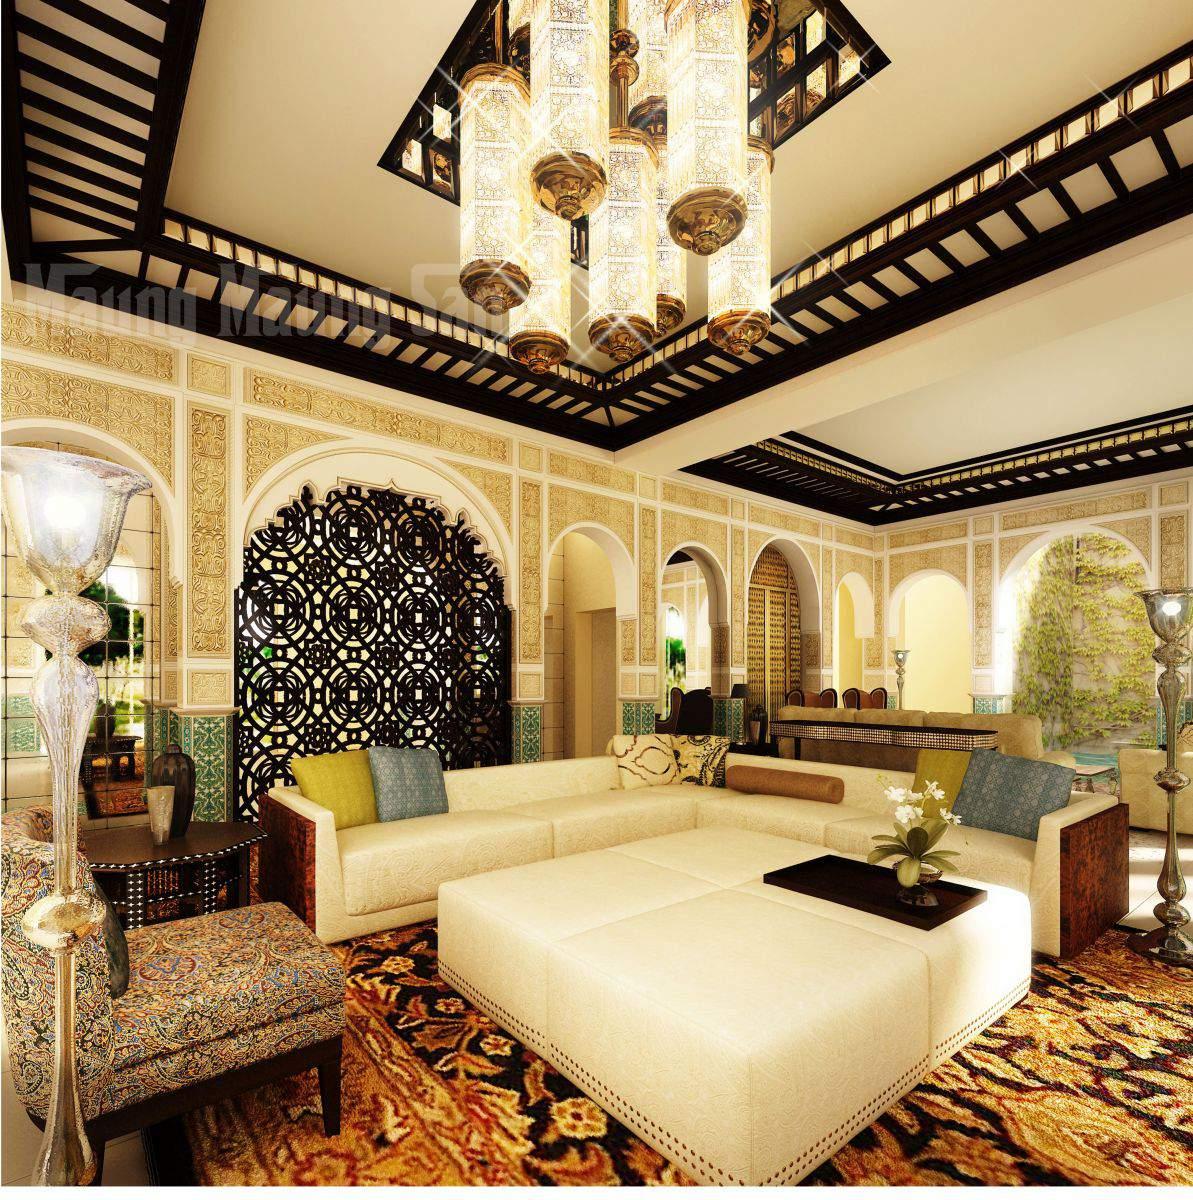 Thiết kế nội thất chung cư đẹp, sang trọng